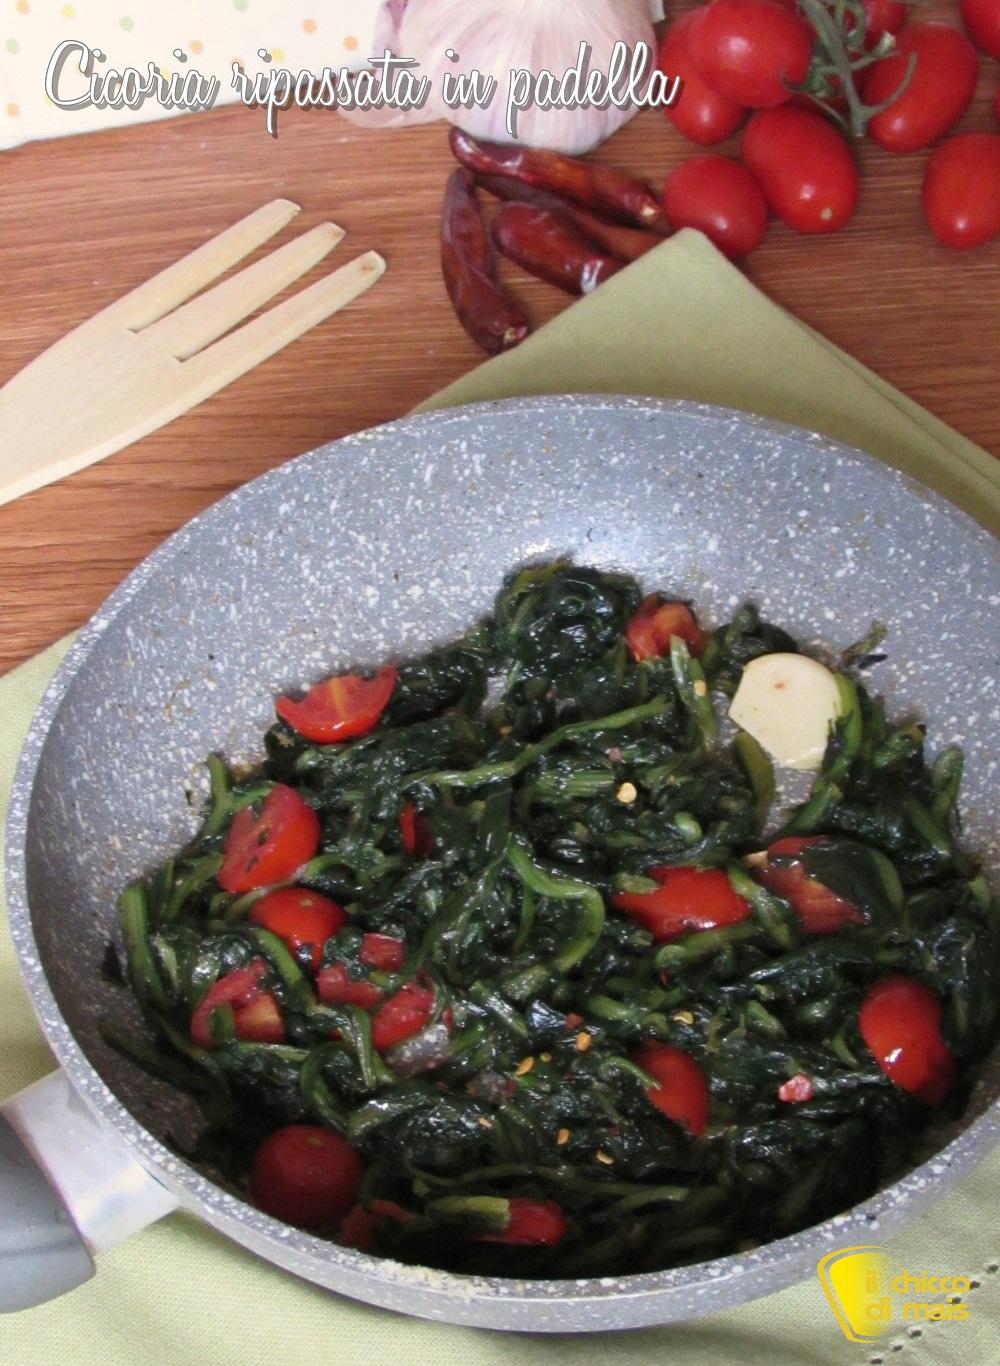 verticale_cicoria ripassata in padella con pomodoro fresco ricetta facile e veloce il chicco di mais